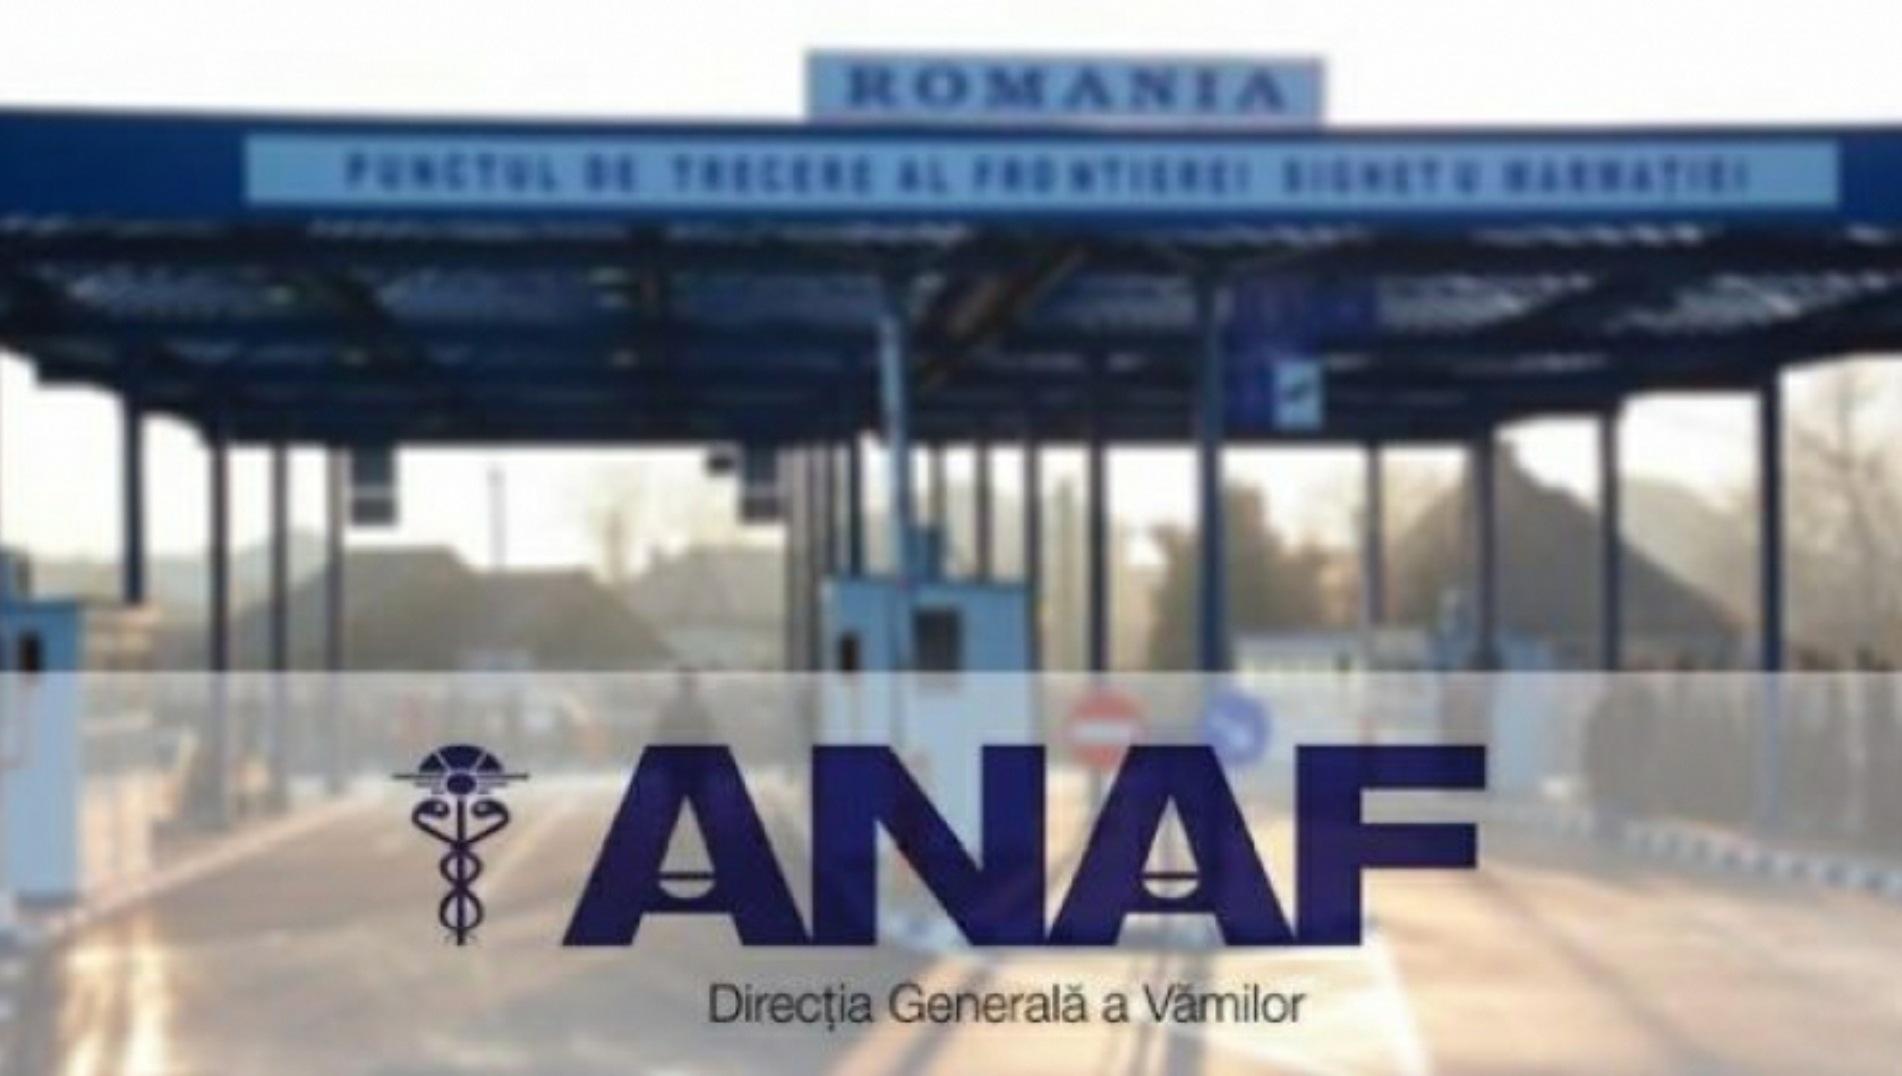 De ultimă oră: ANAF anunţă că sistemul informatic vamal nu va funcţiona de vineri până luni